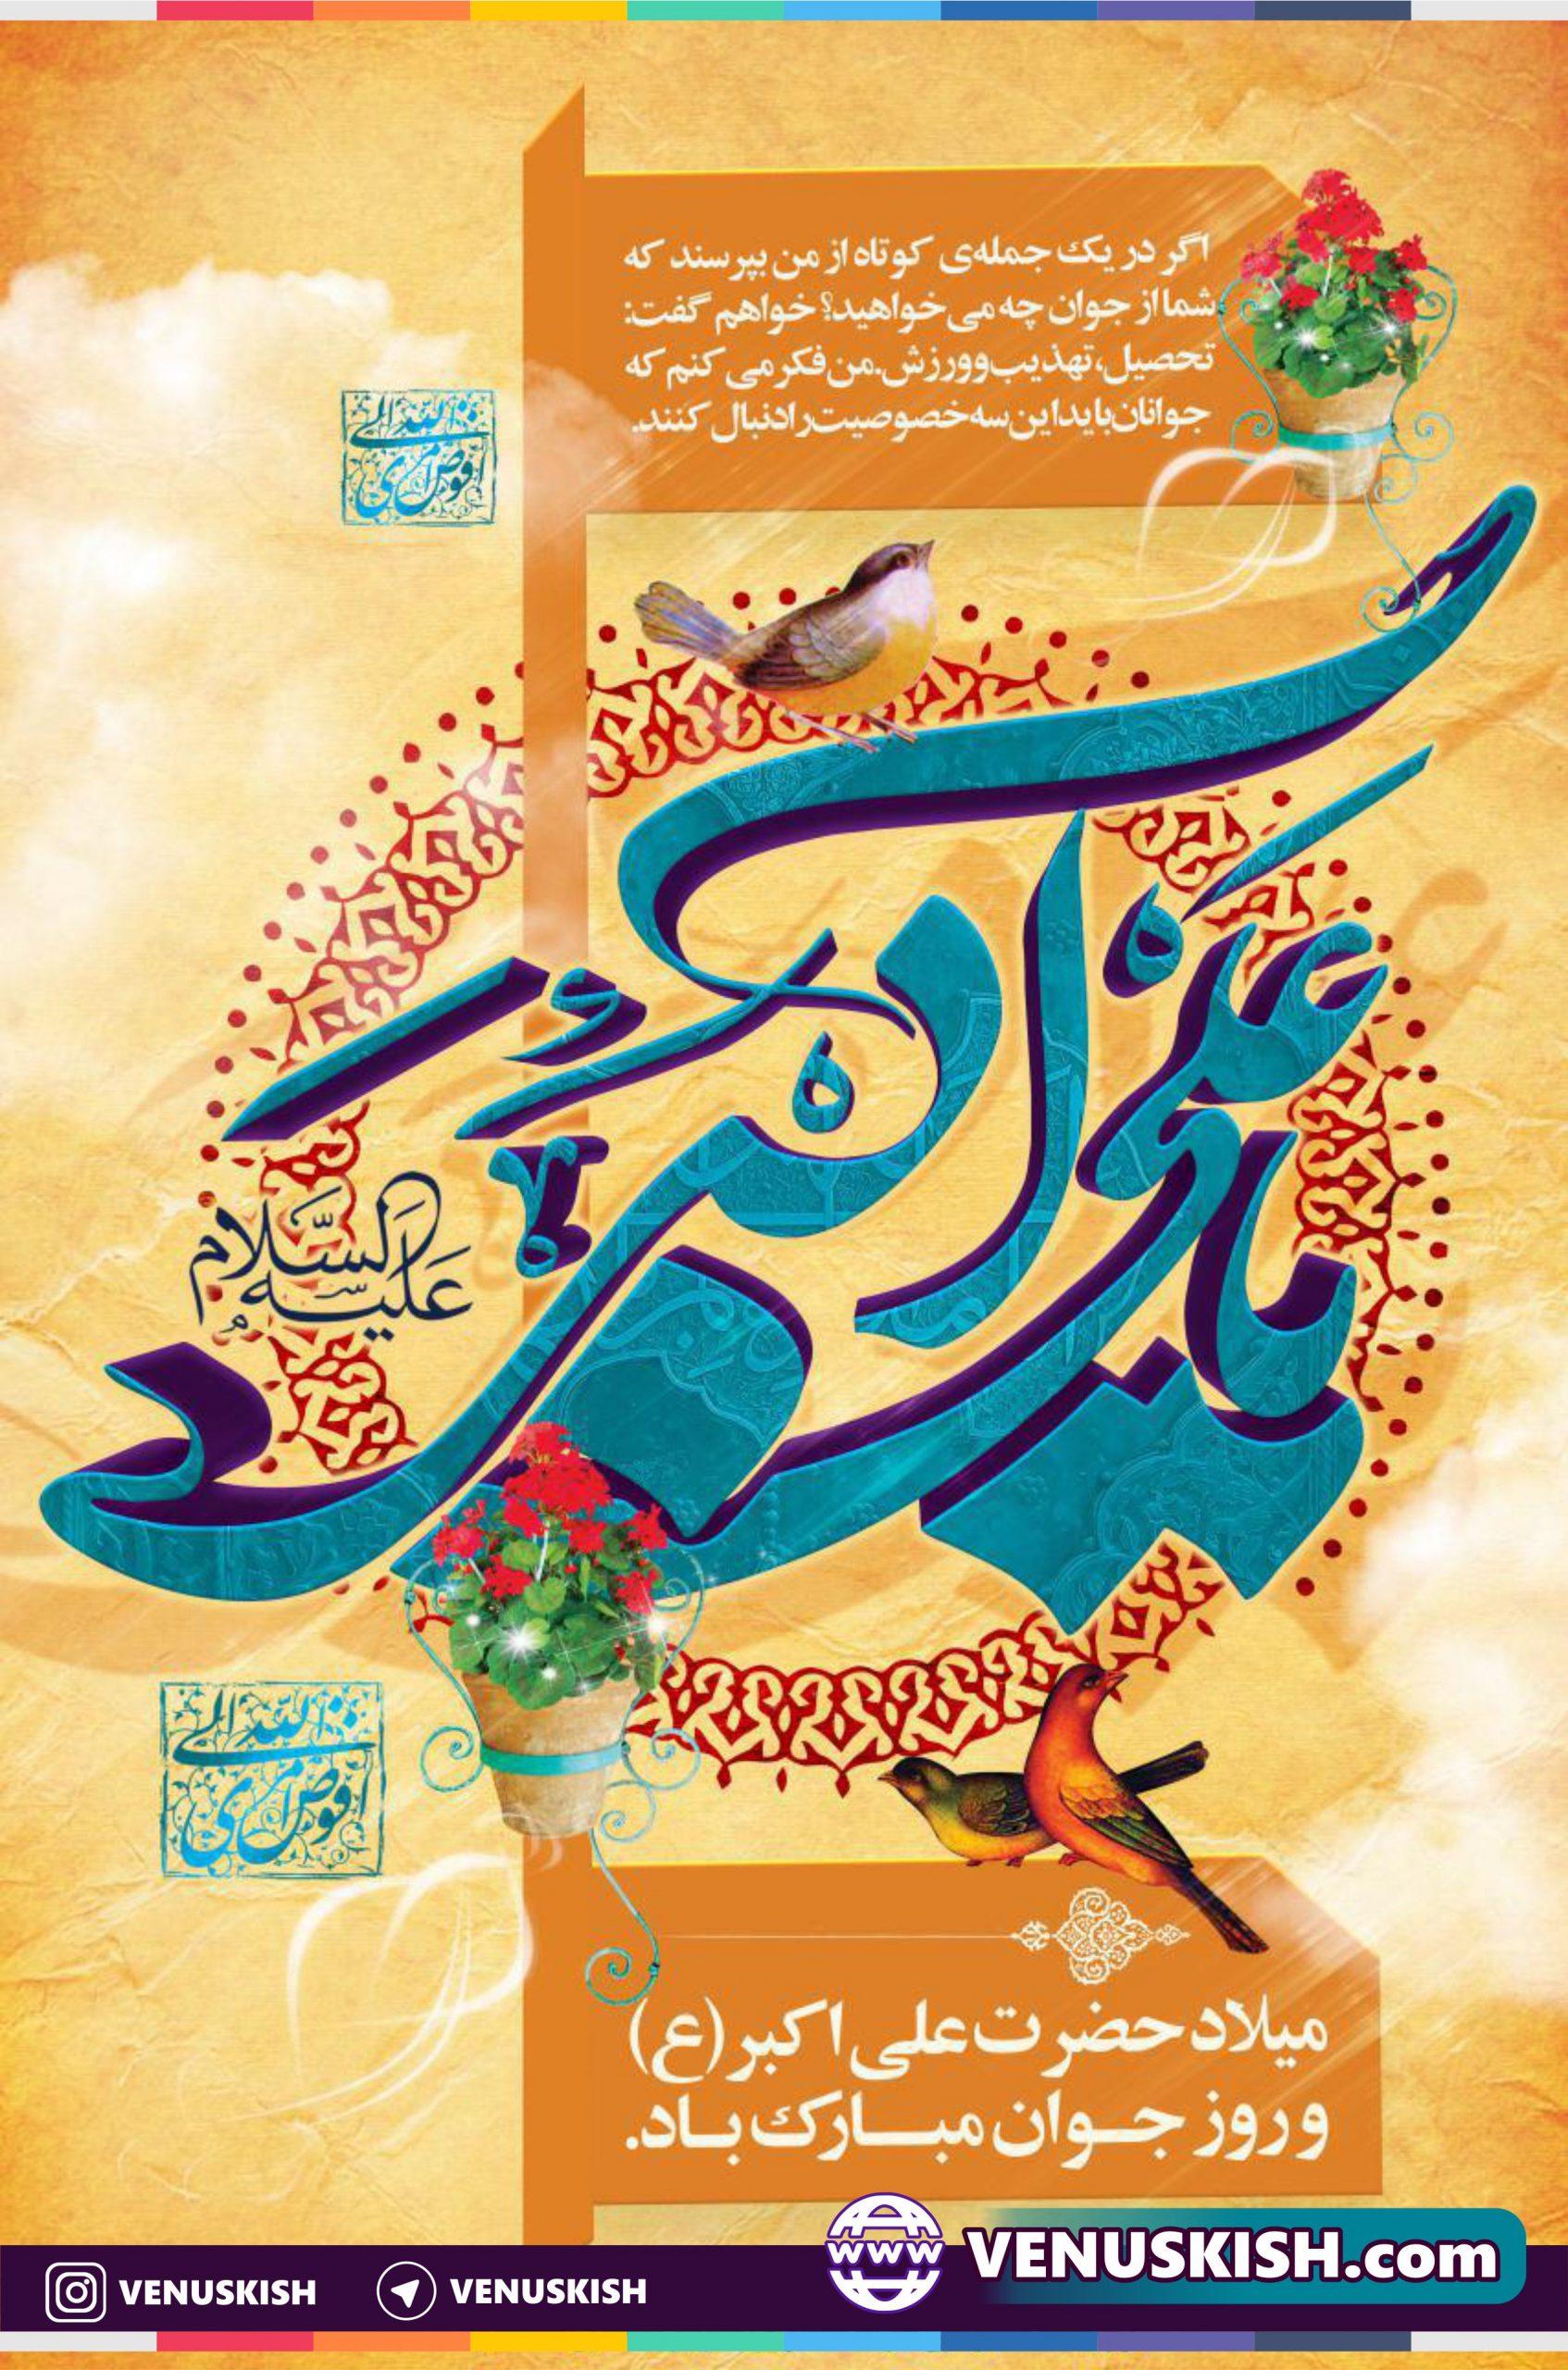 🌸ولادت حضرت علی اکبر(ع) و روز جوان مبارک باد🌸